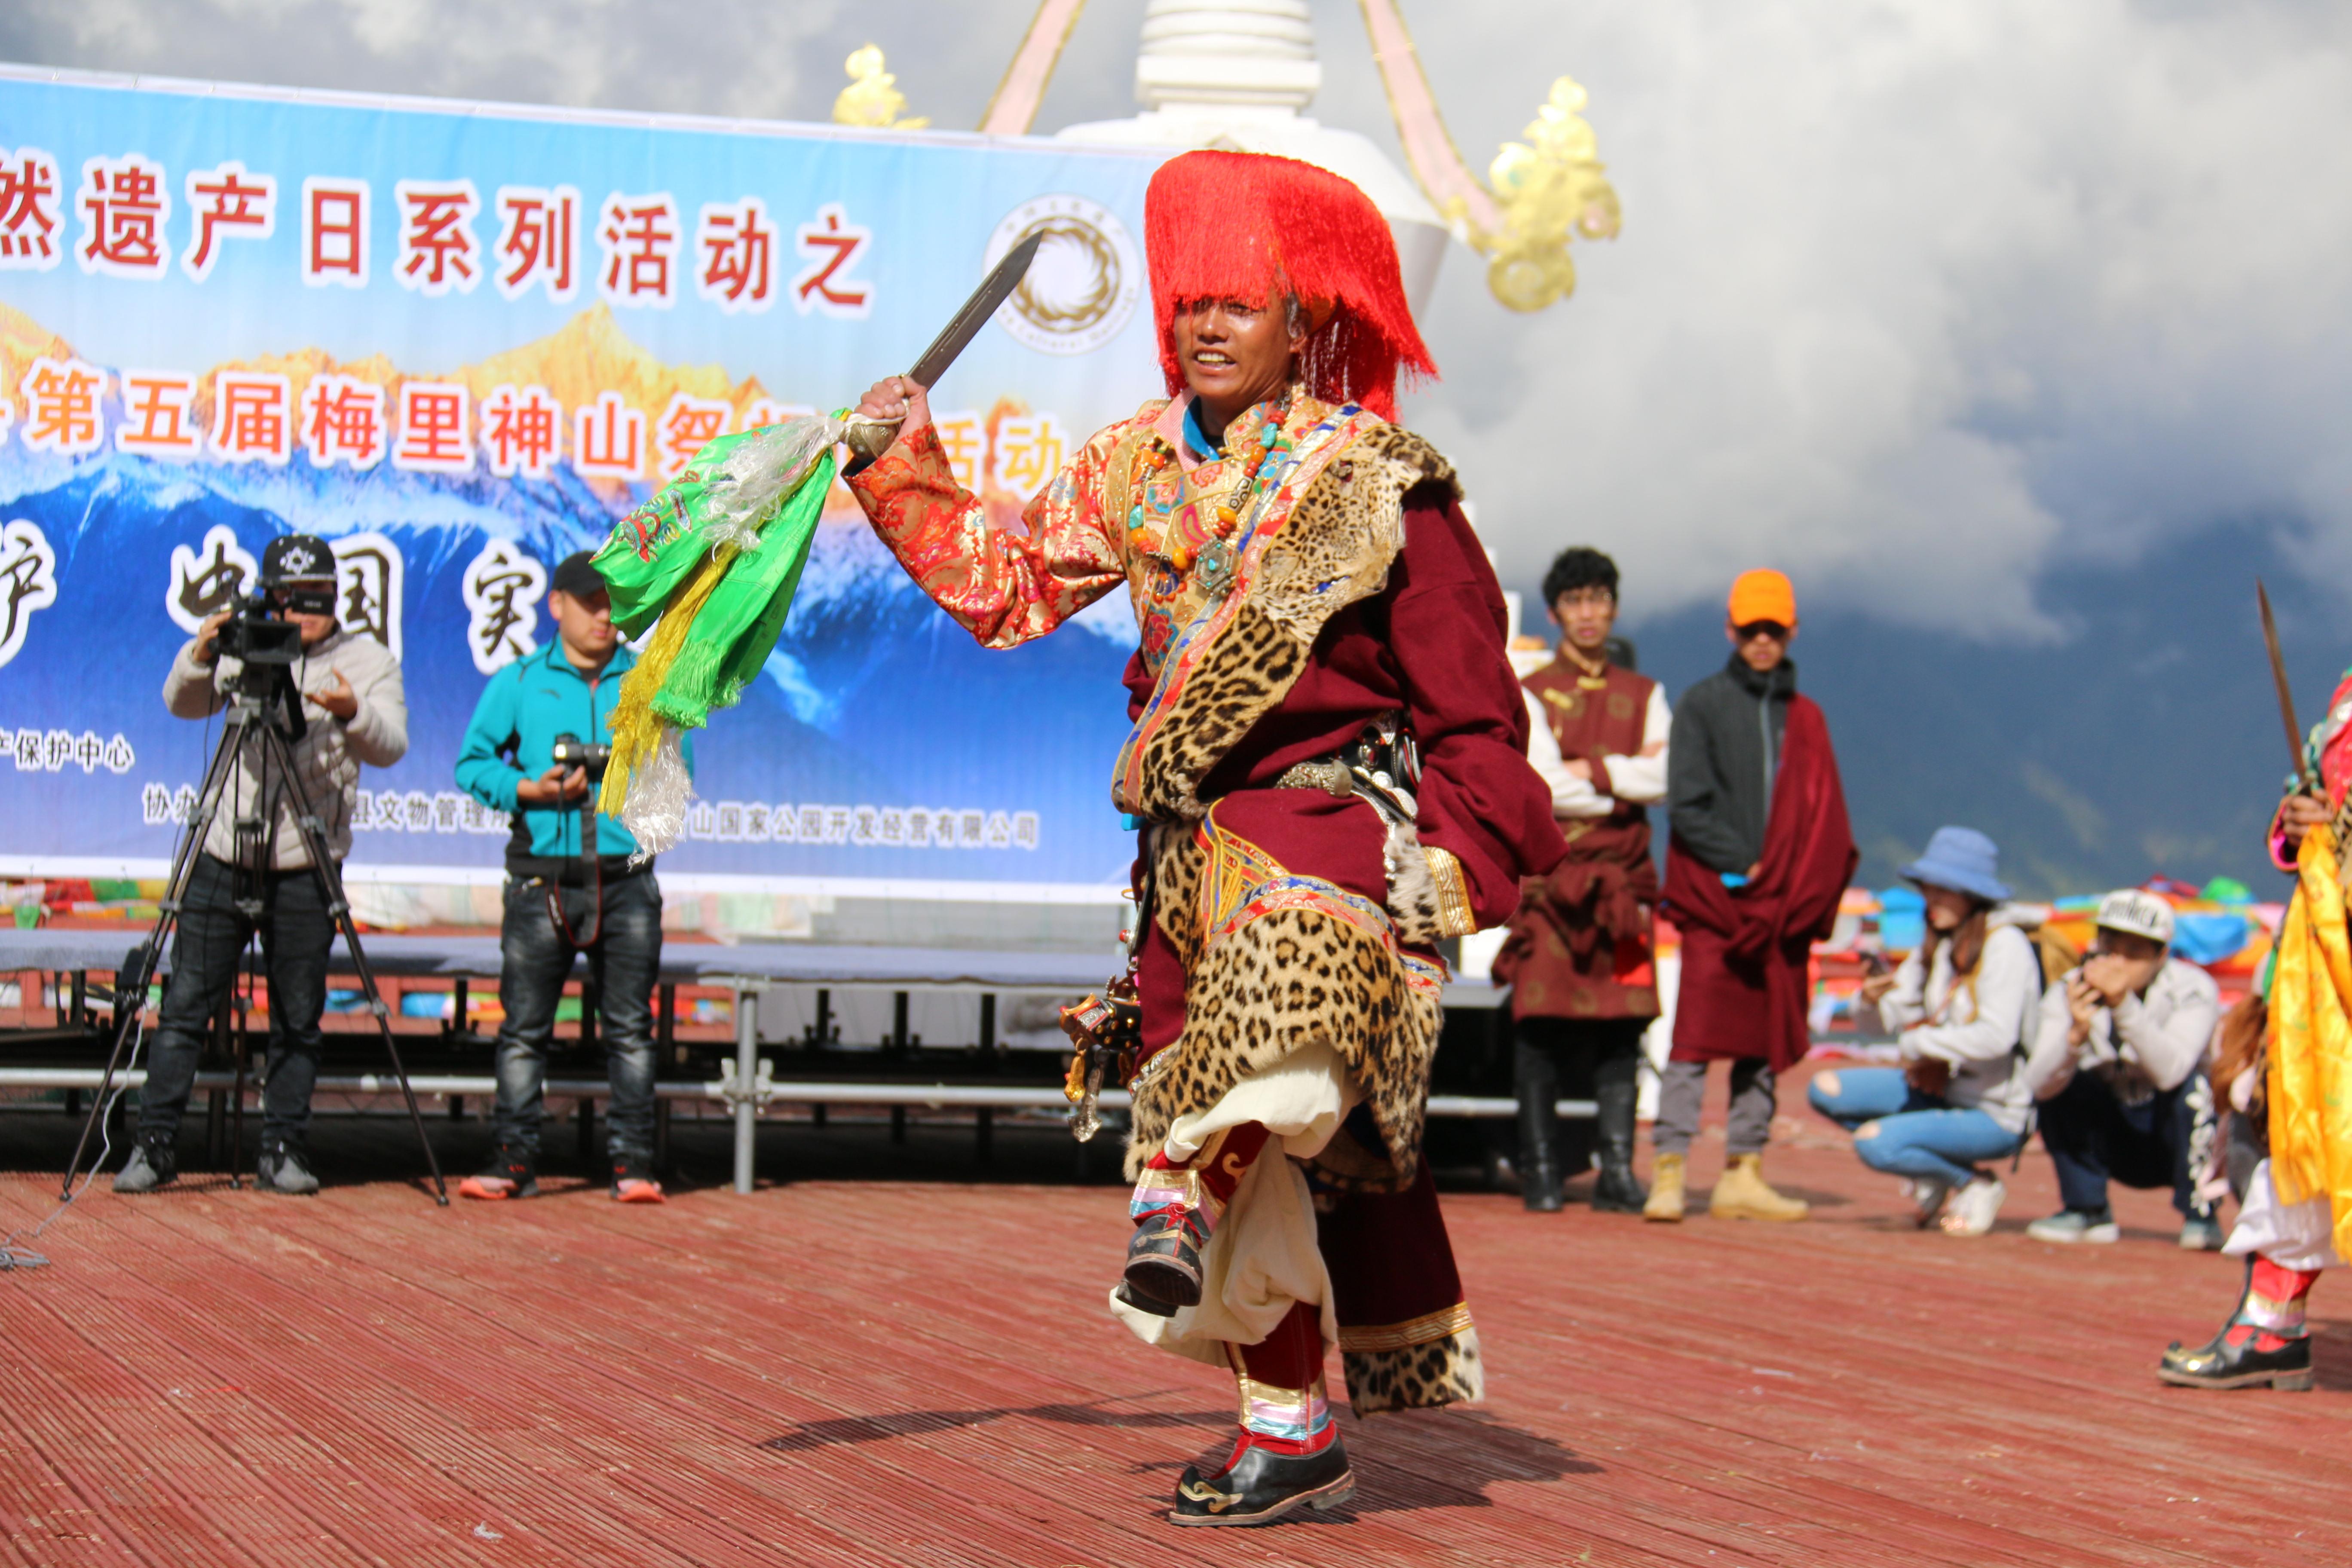 德钦县举行第五届梅里神山祭祀日活动